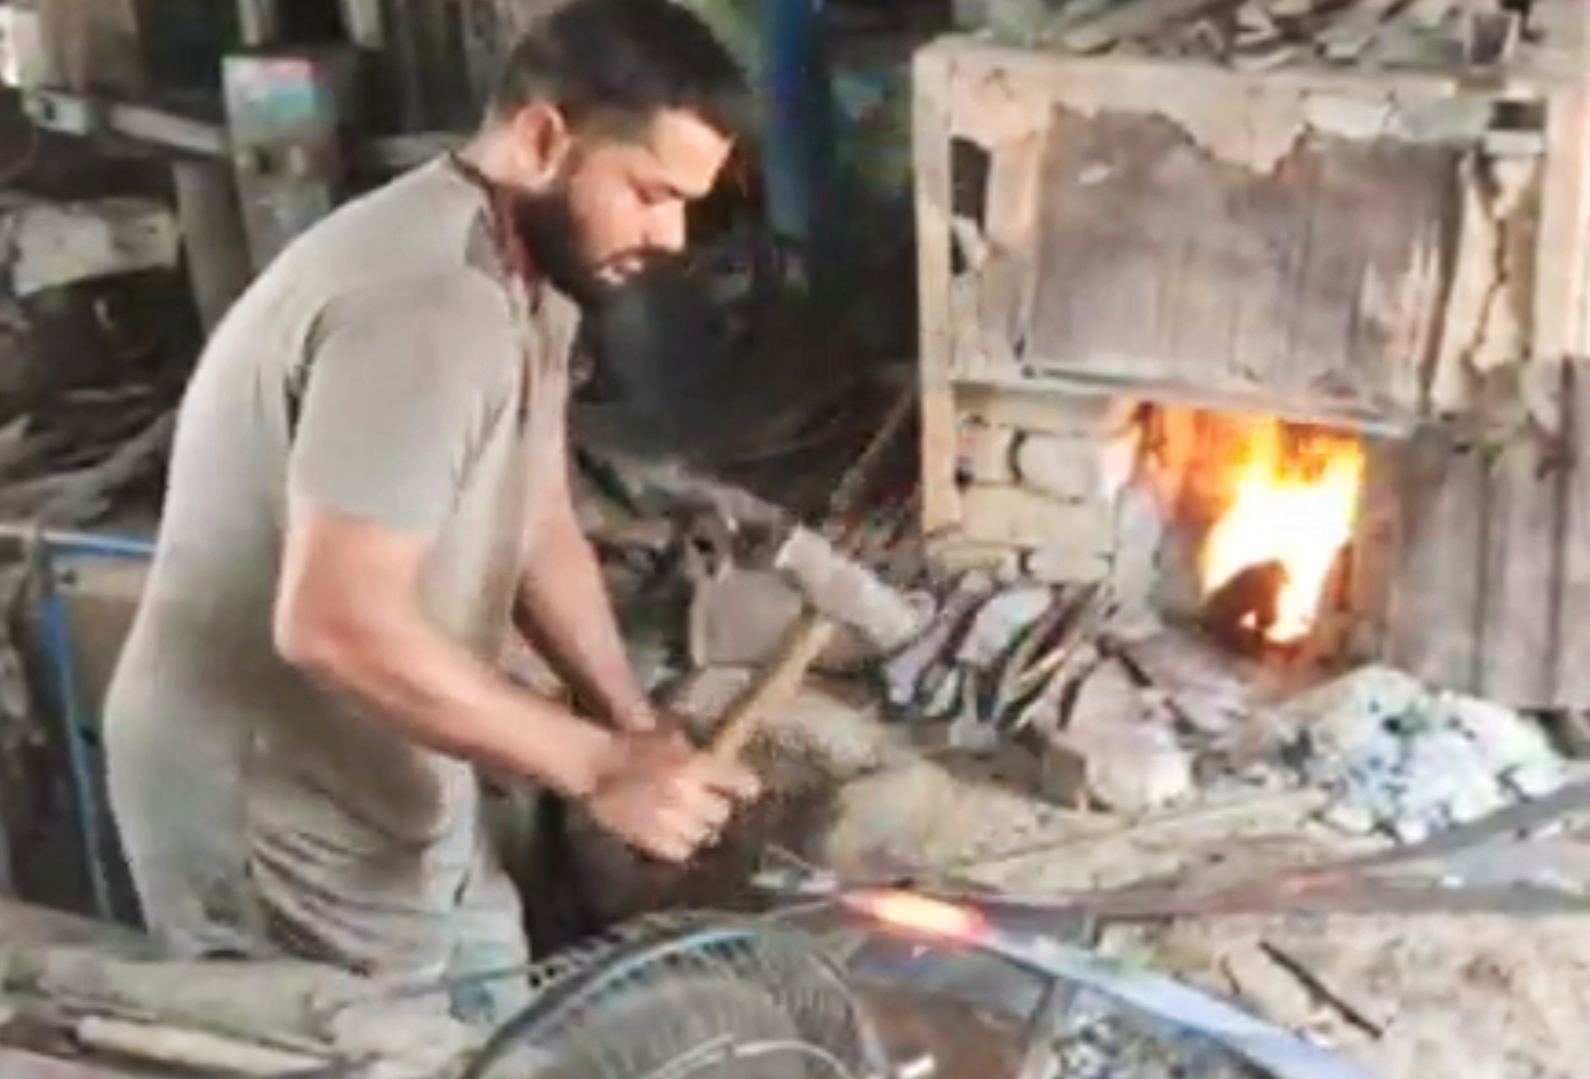 ભુજના નાના રેહા ગામના પ્રખ્યાત તલવાર ઉદ્યોગનો અસ્તિત્વ ટકાવવા સંઘર્ષ, ગામમાં એક સમયે 400 કારીગરોને રોજી આપતા ઉદ્યોગમાં હાલ 20 જ કારીગર|ભુજ,Bhuj - Divya Bhaskar